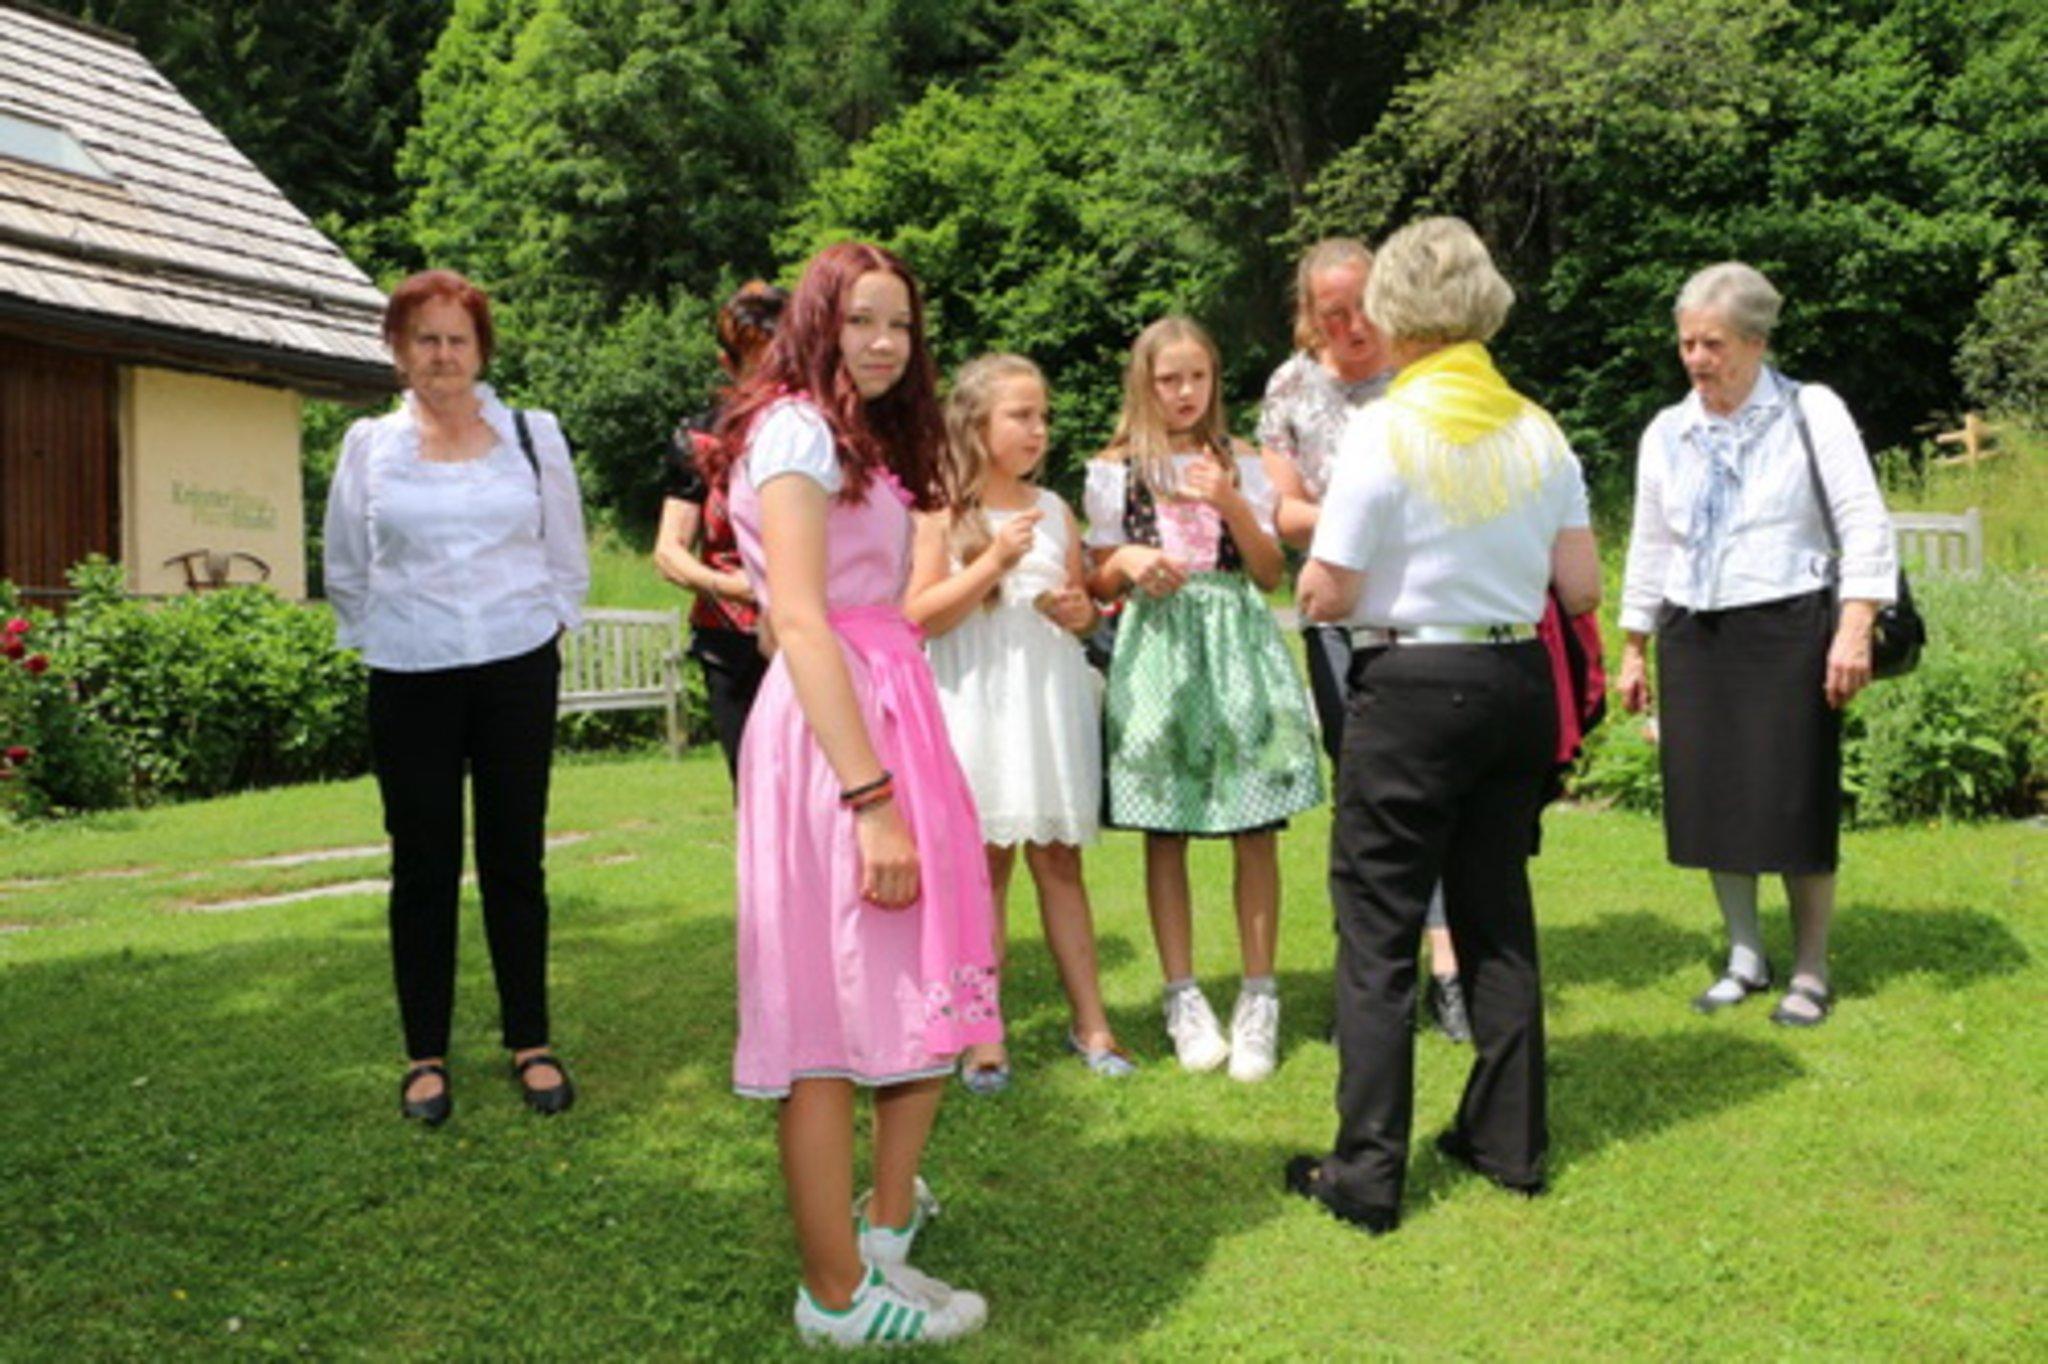 Eltern-Kind-Treff - News - Gemeinde Irschen